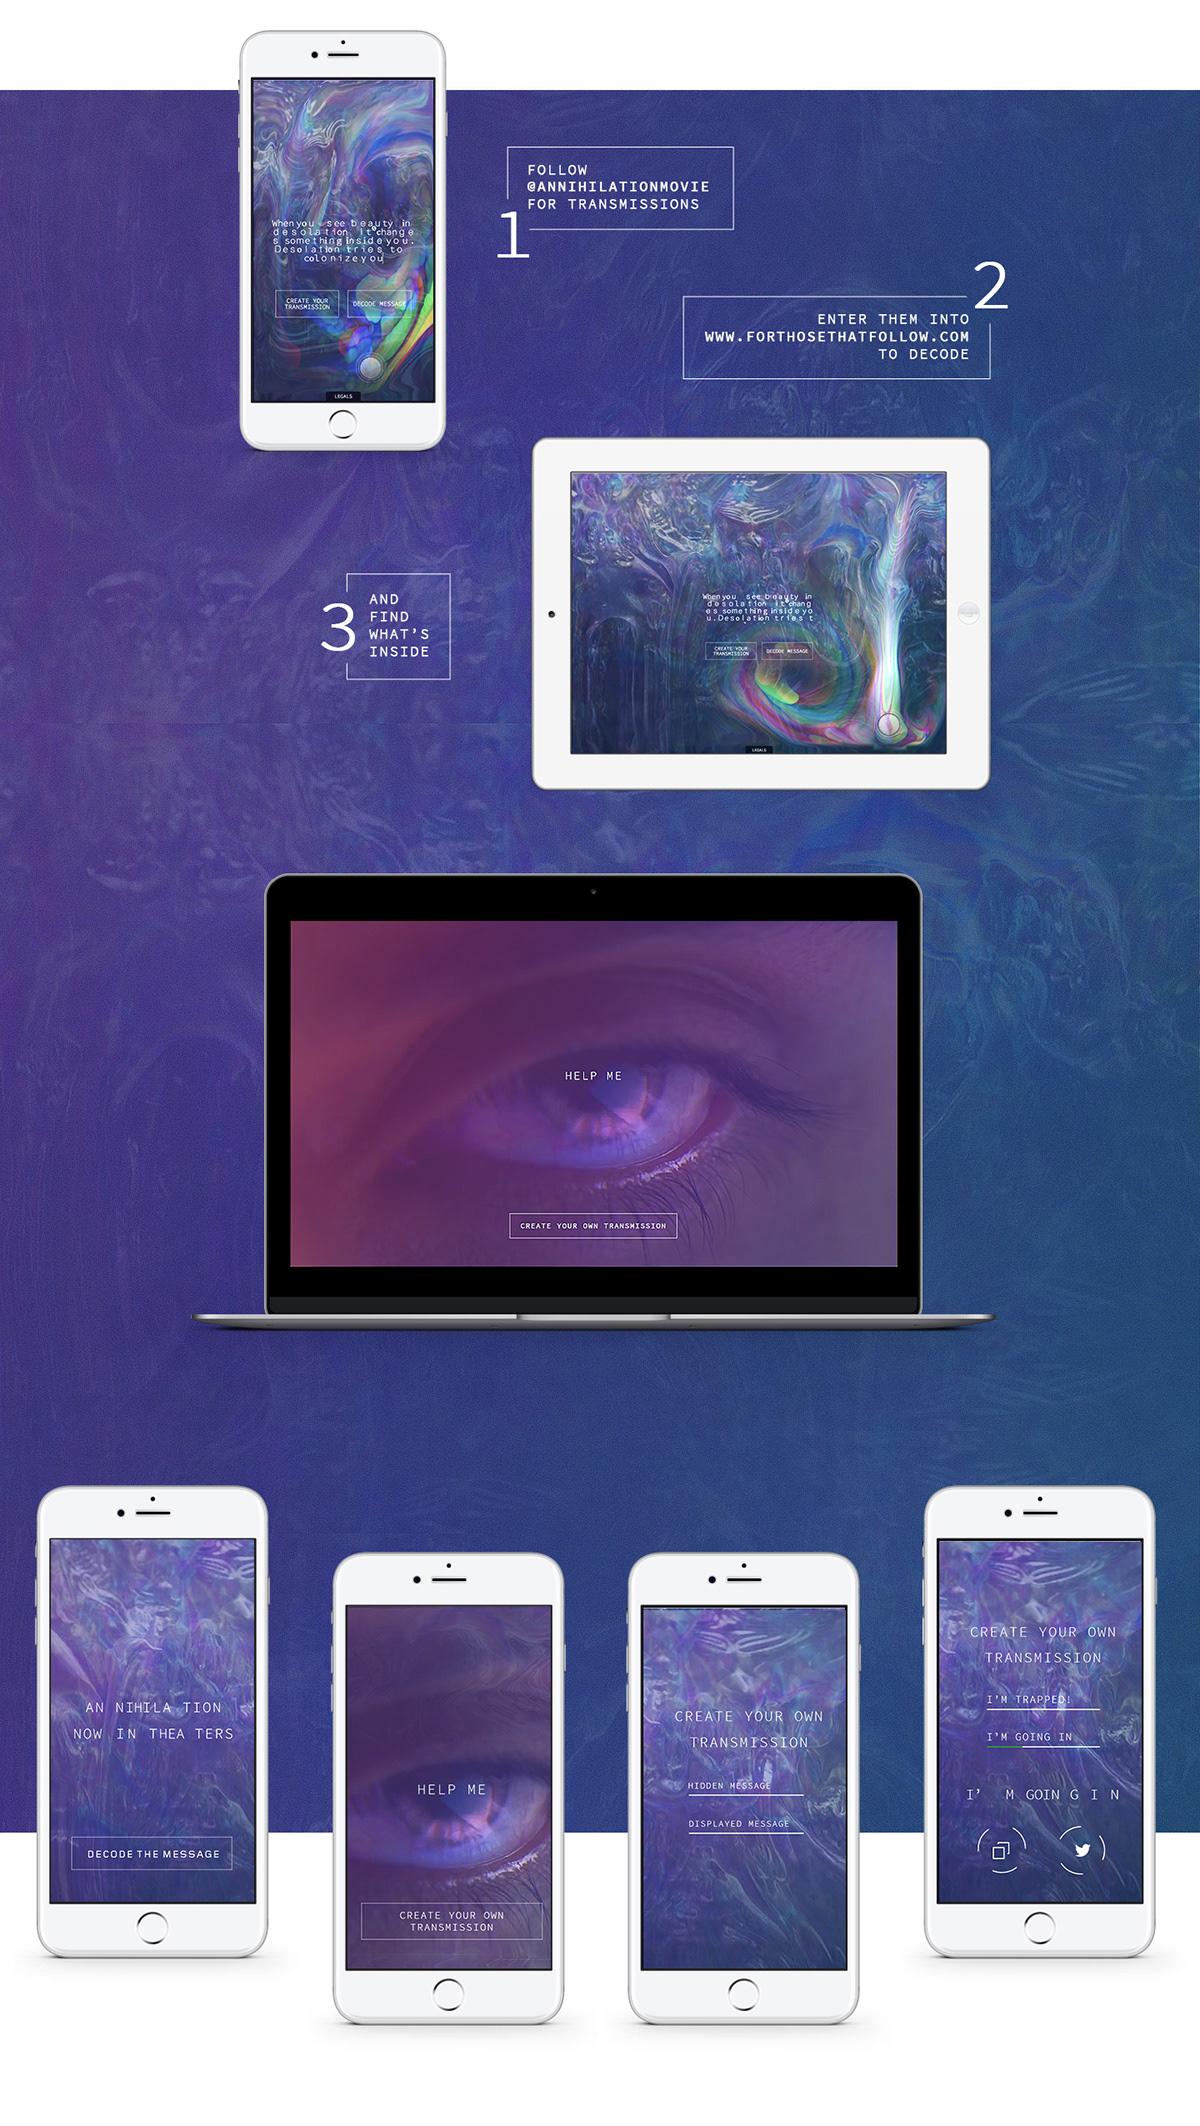 annihilation movie shimmer code message purple universal